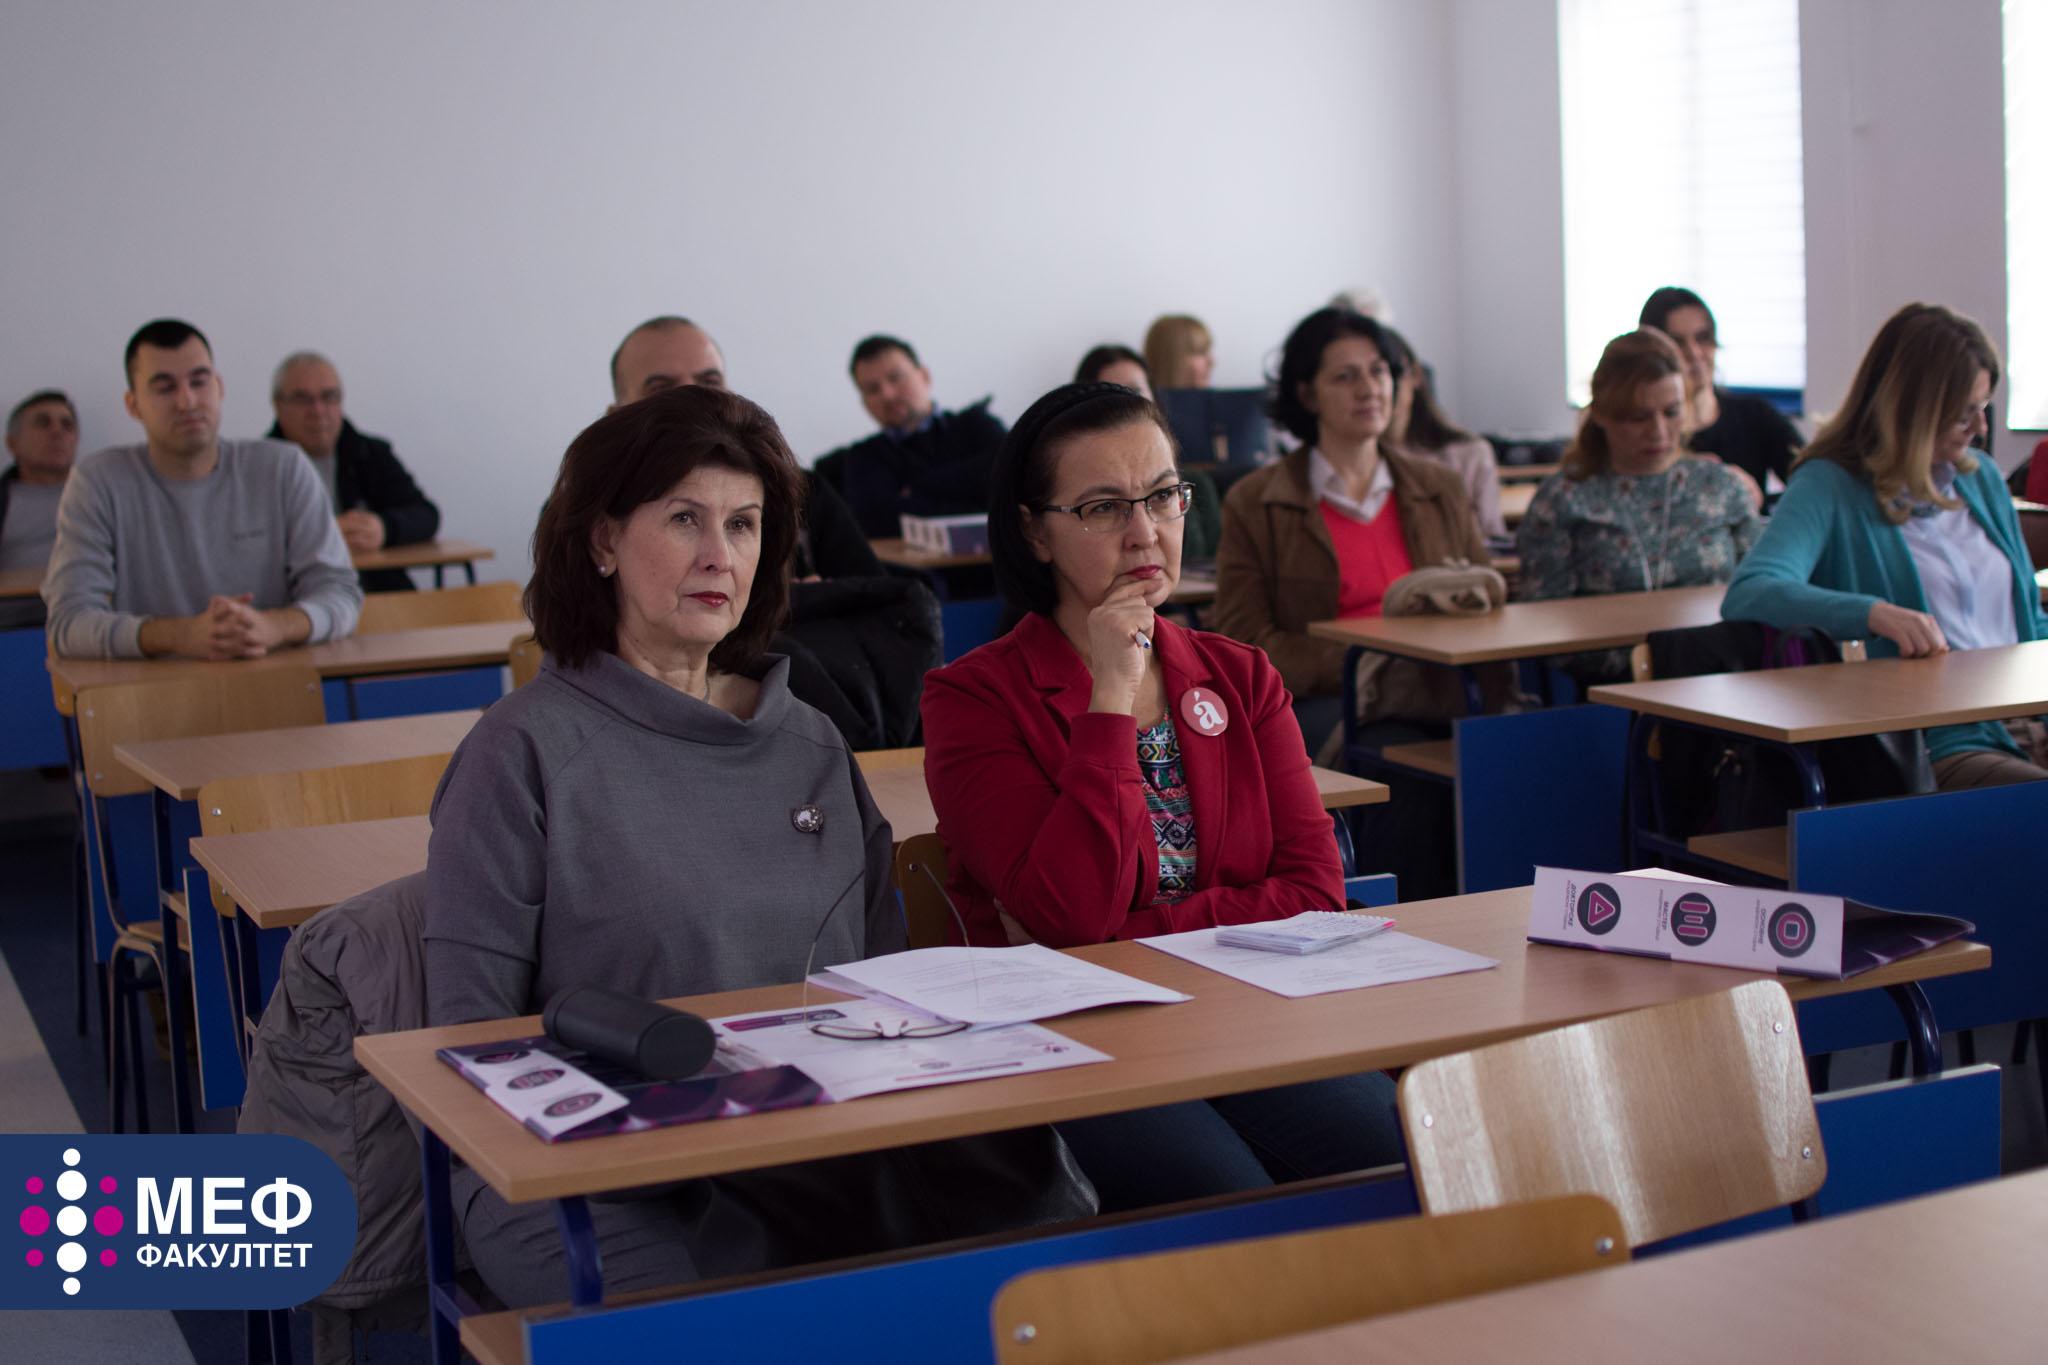 MEF Fakultet - izvestaj sa konferencije 15